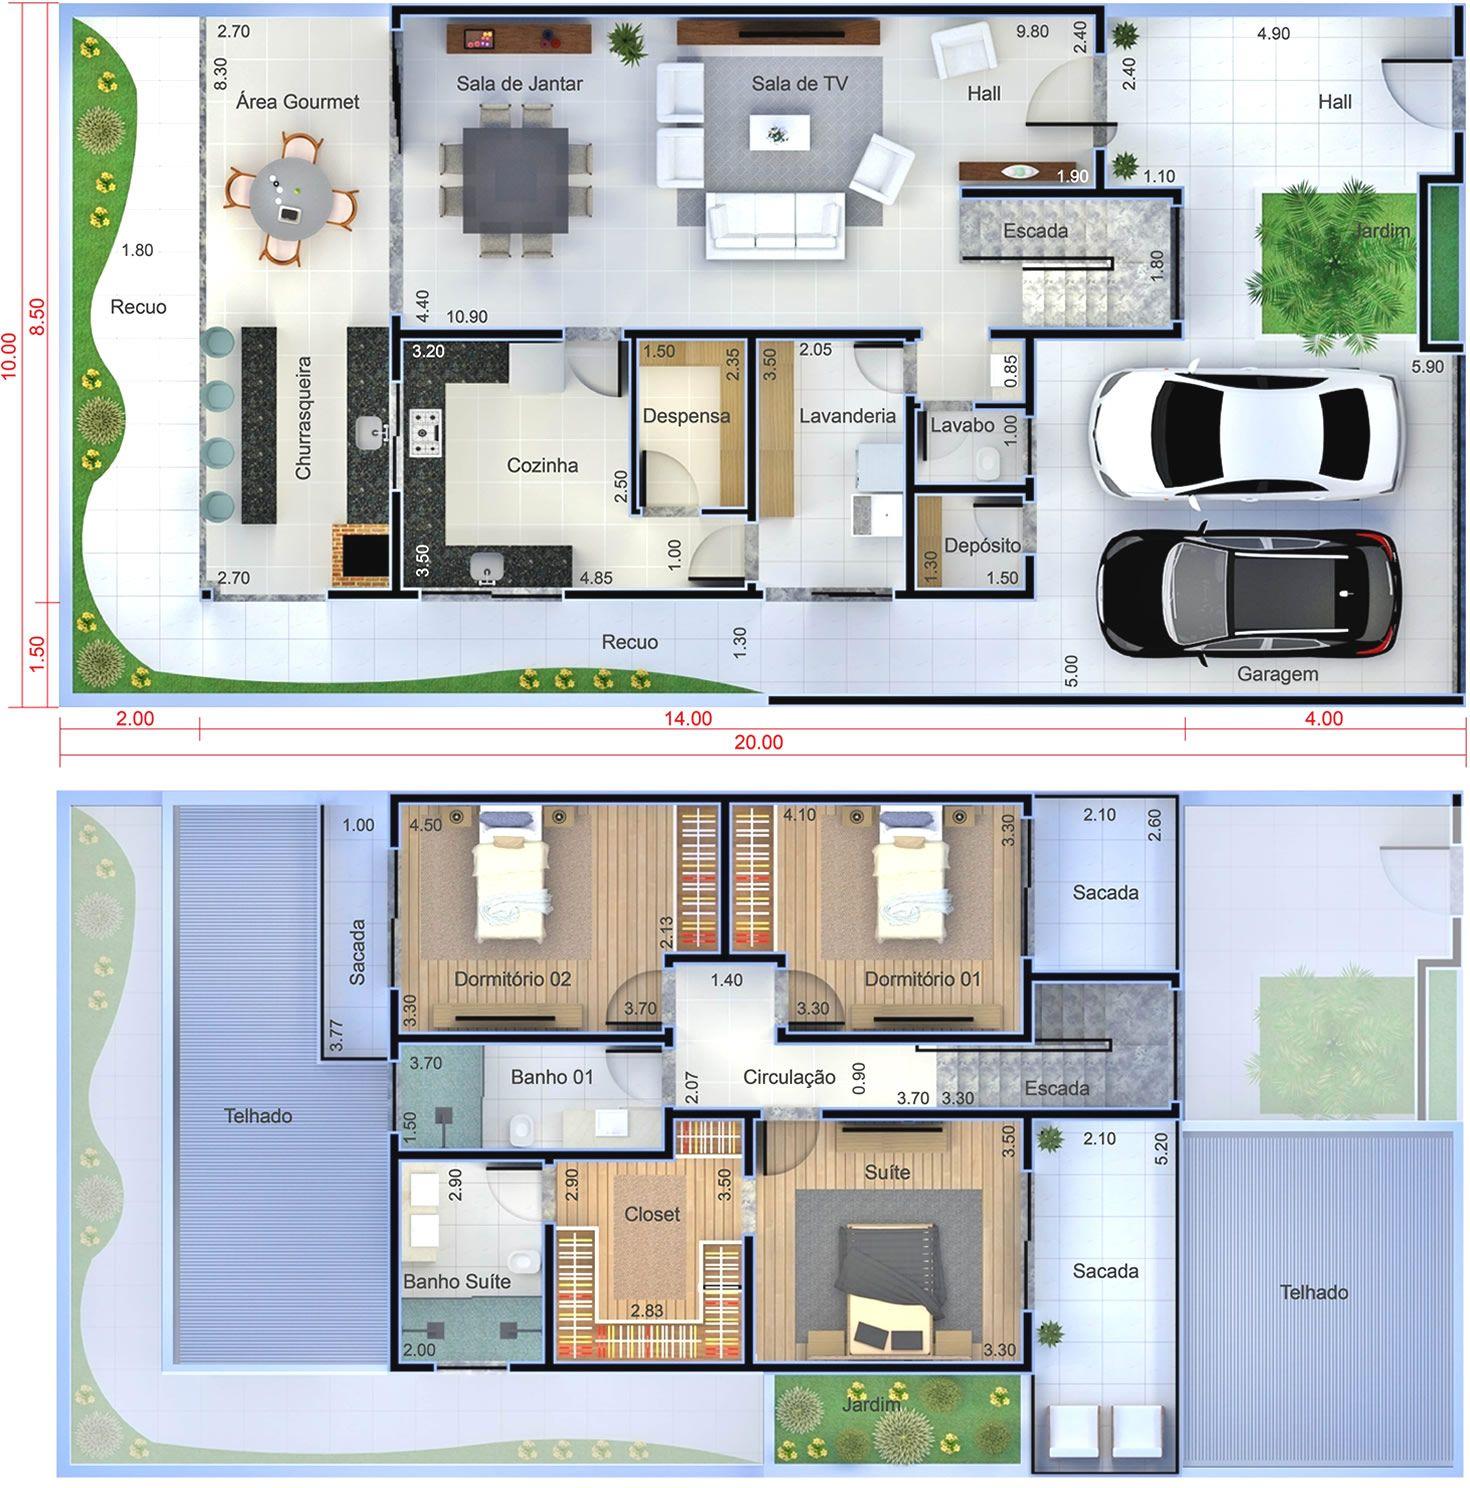 Planta de sobrado moderno com 3 quartos Planta para terreno 10×20 ideias plantas casas